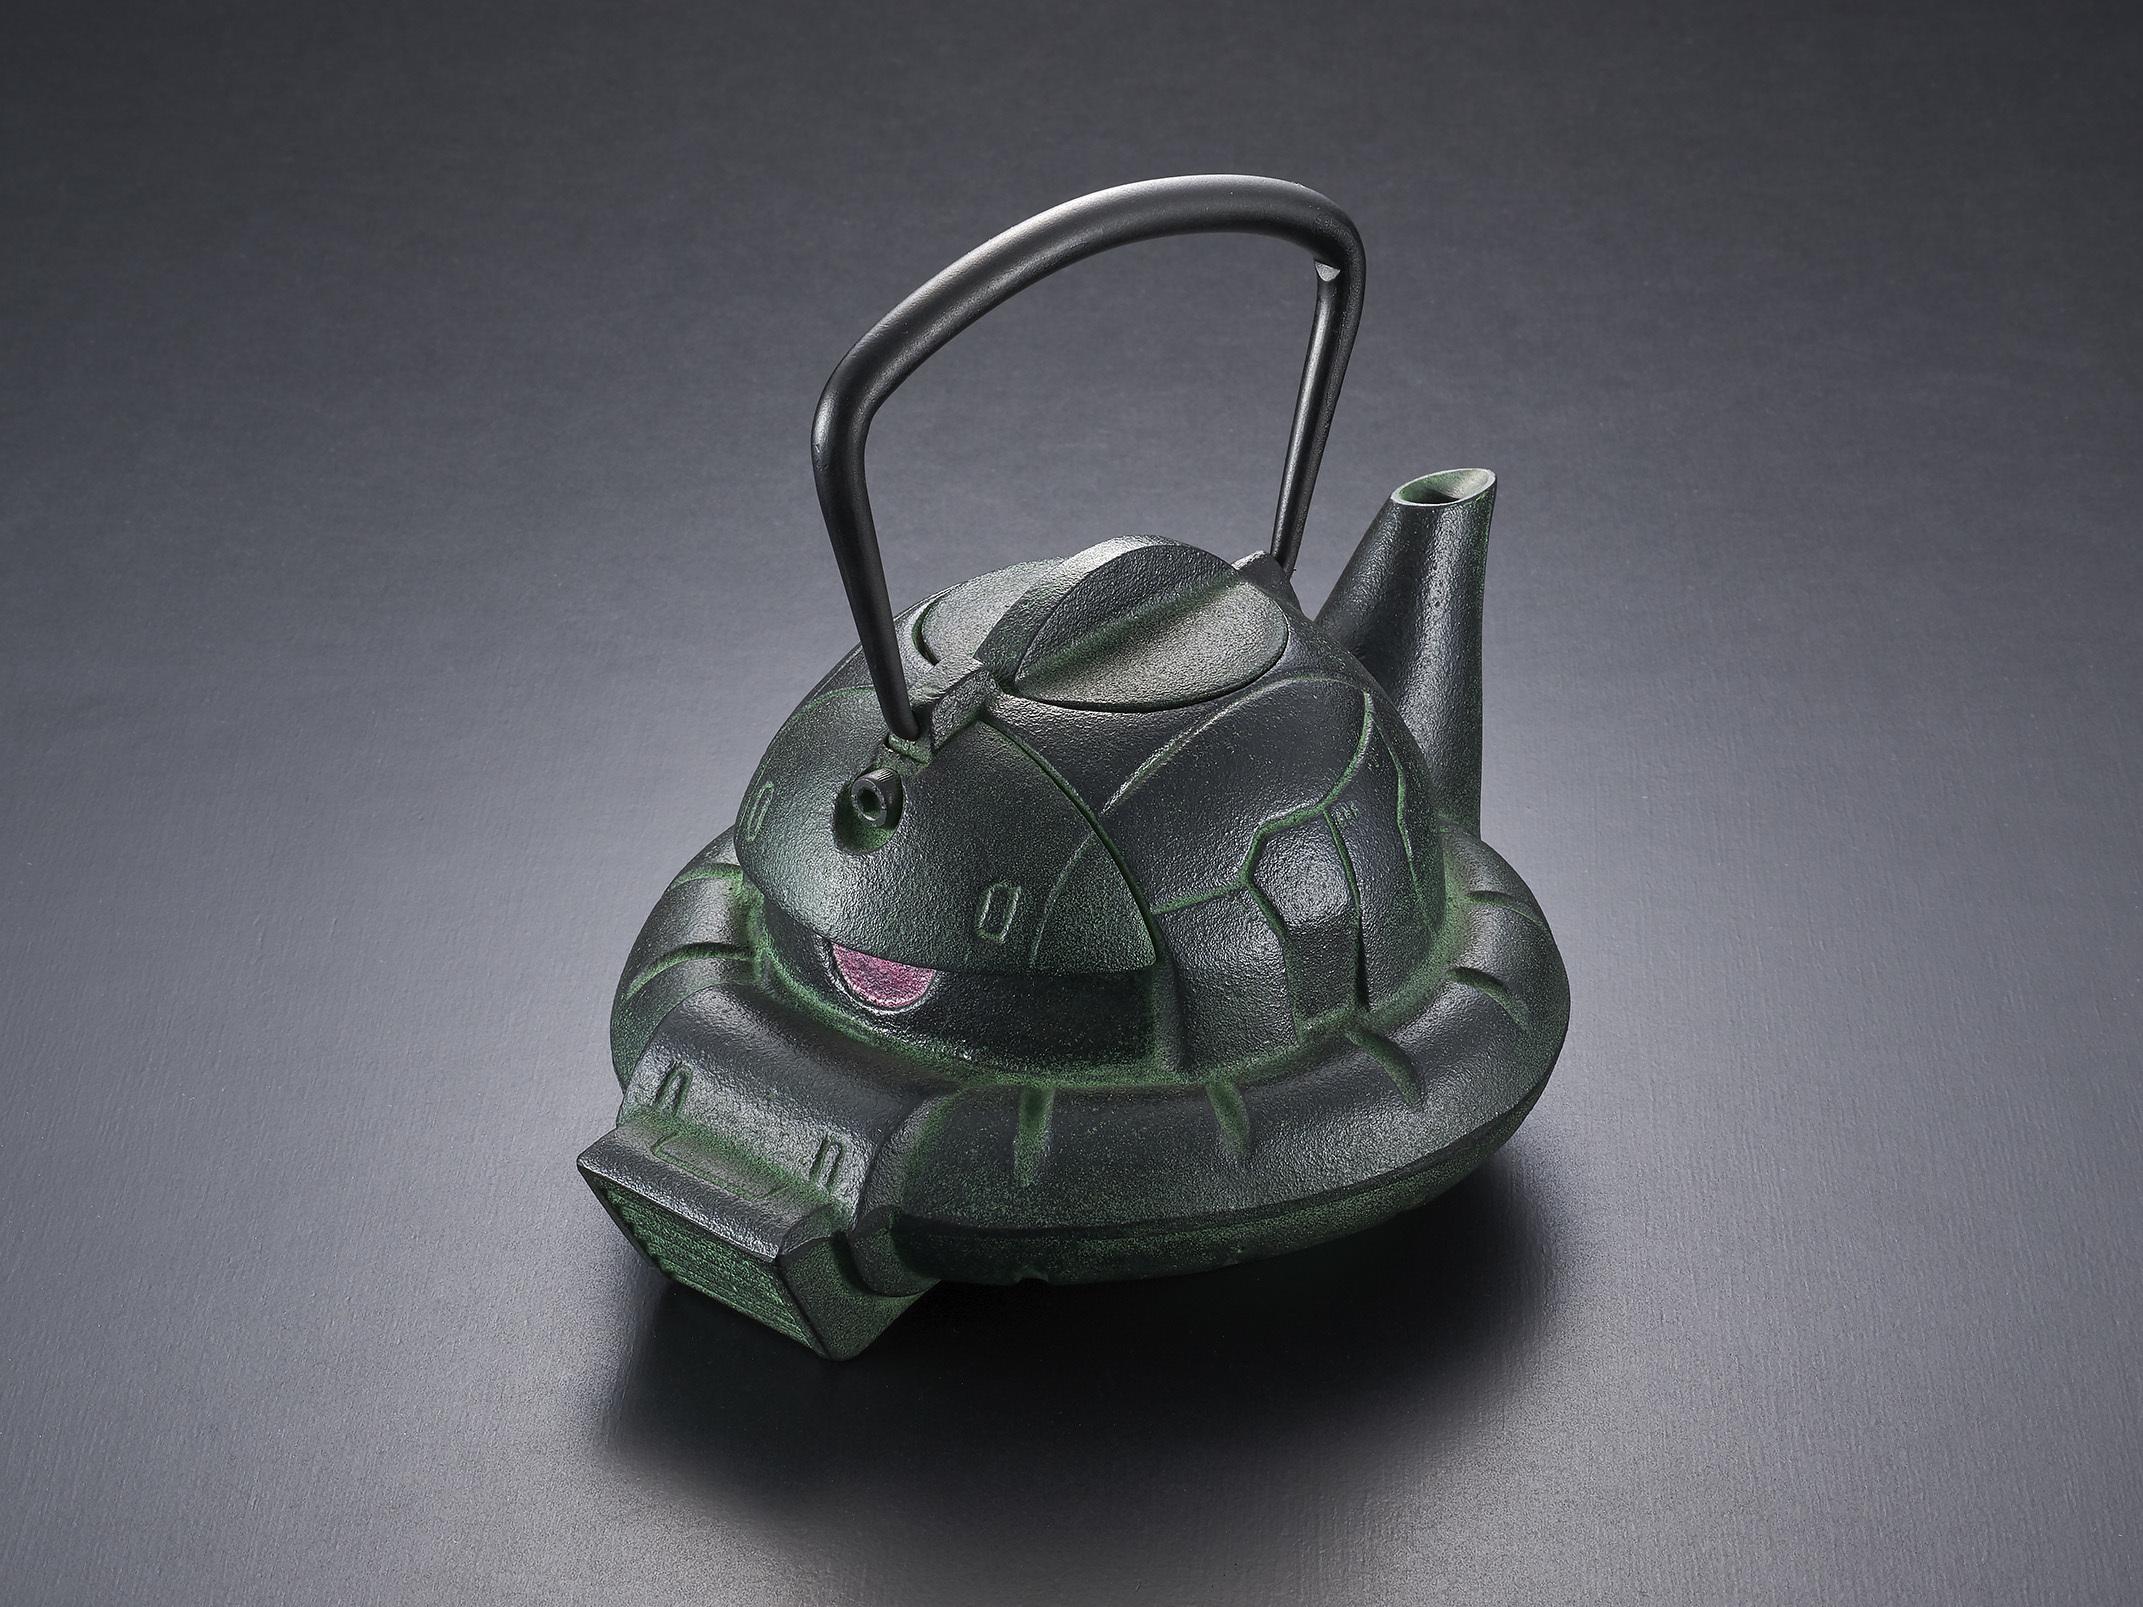 ガンダムに登場するザクの頭部をモチーフにした鉄瓶がGREENカラーにバージョンアップして再登場! ~... 画像